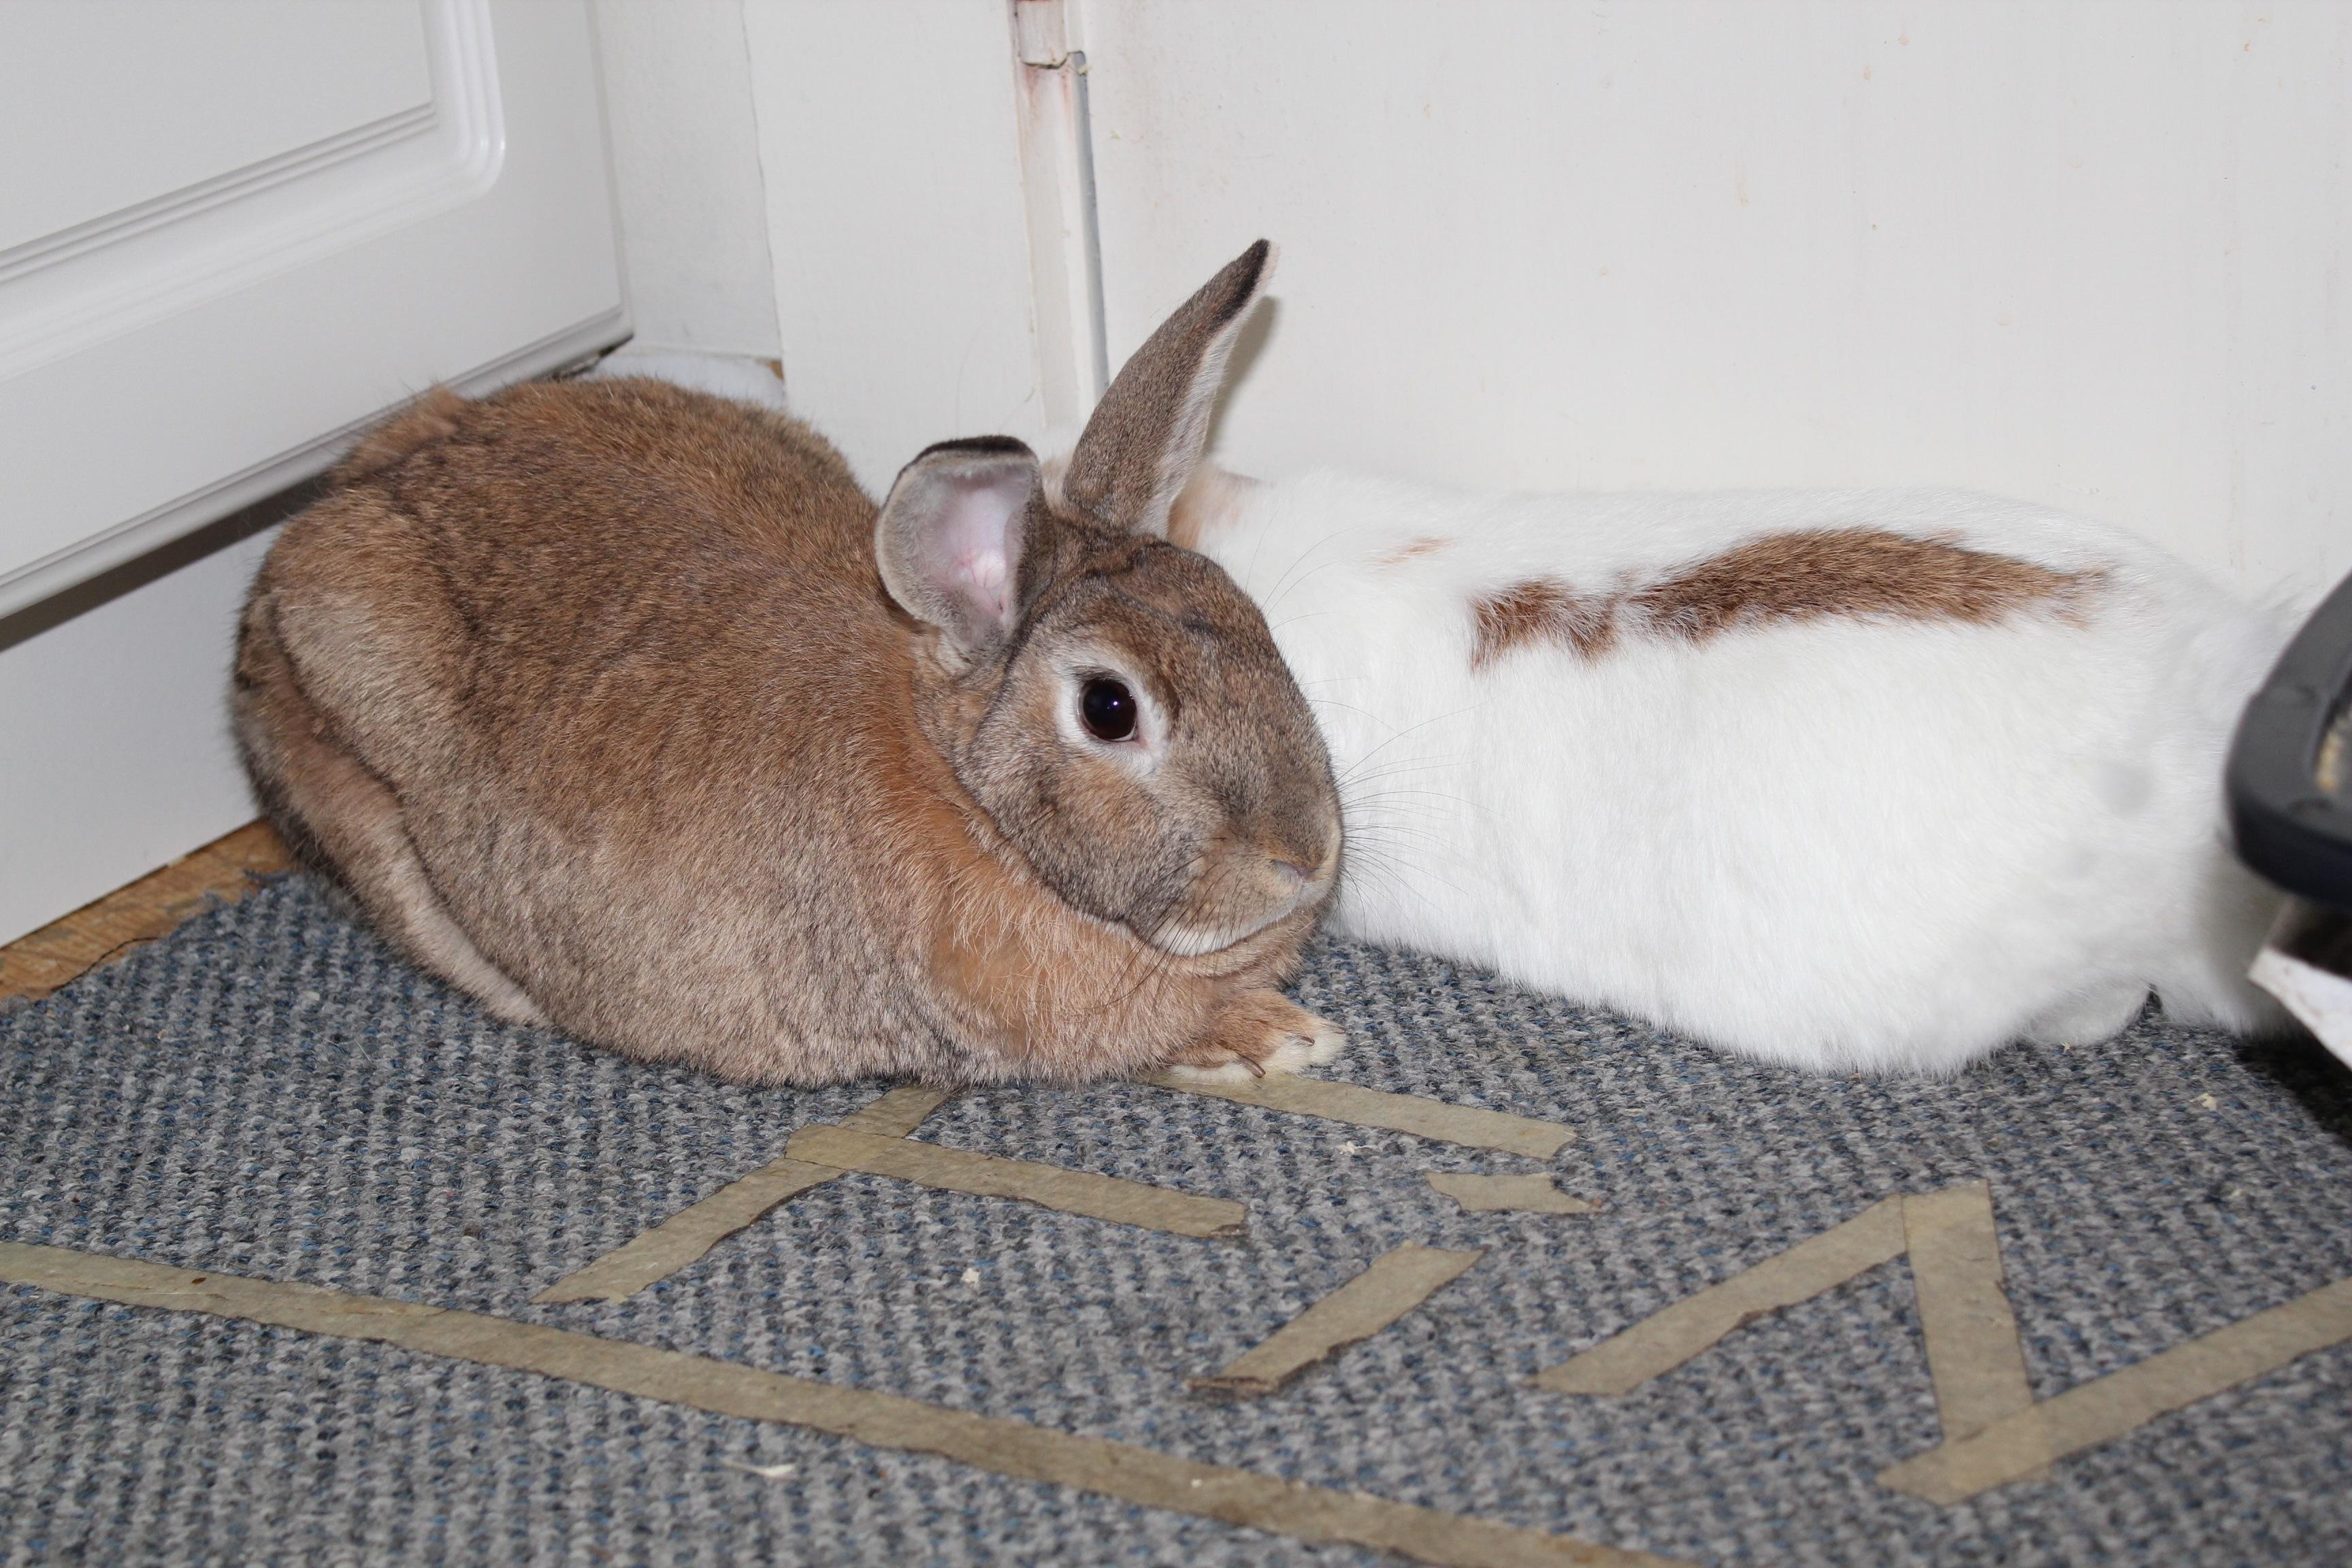 cómo cuidar un conejo